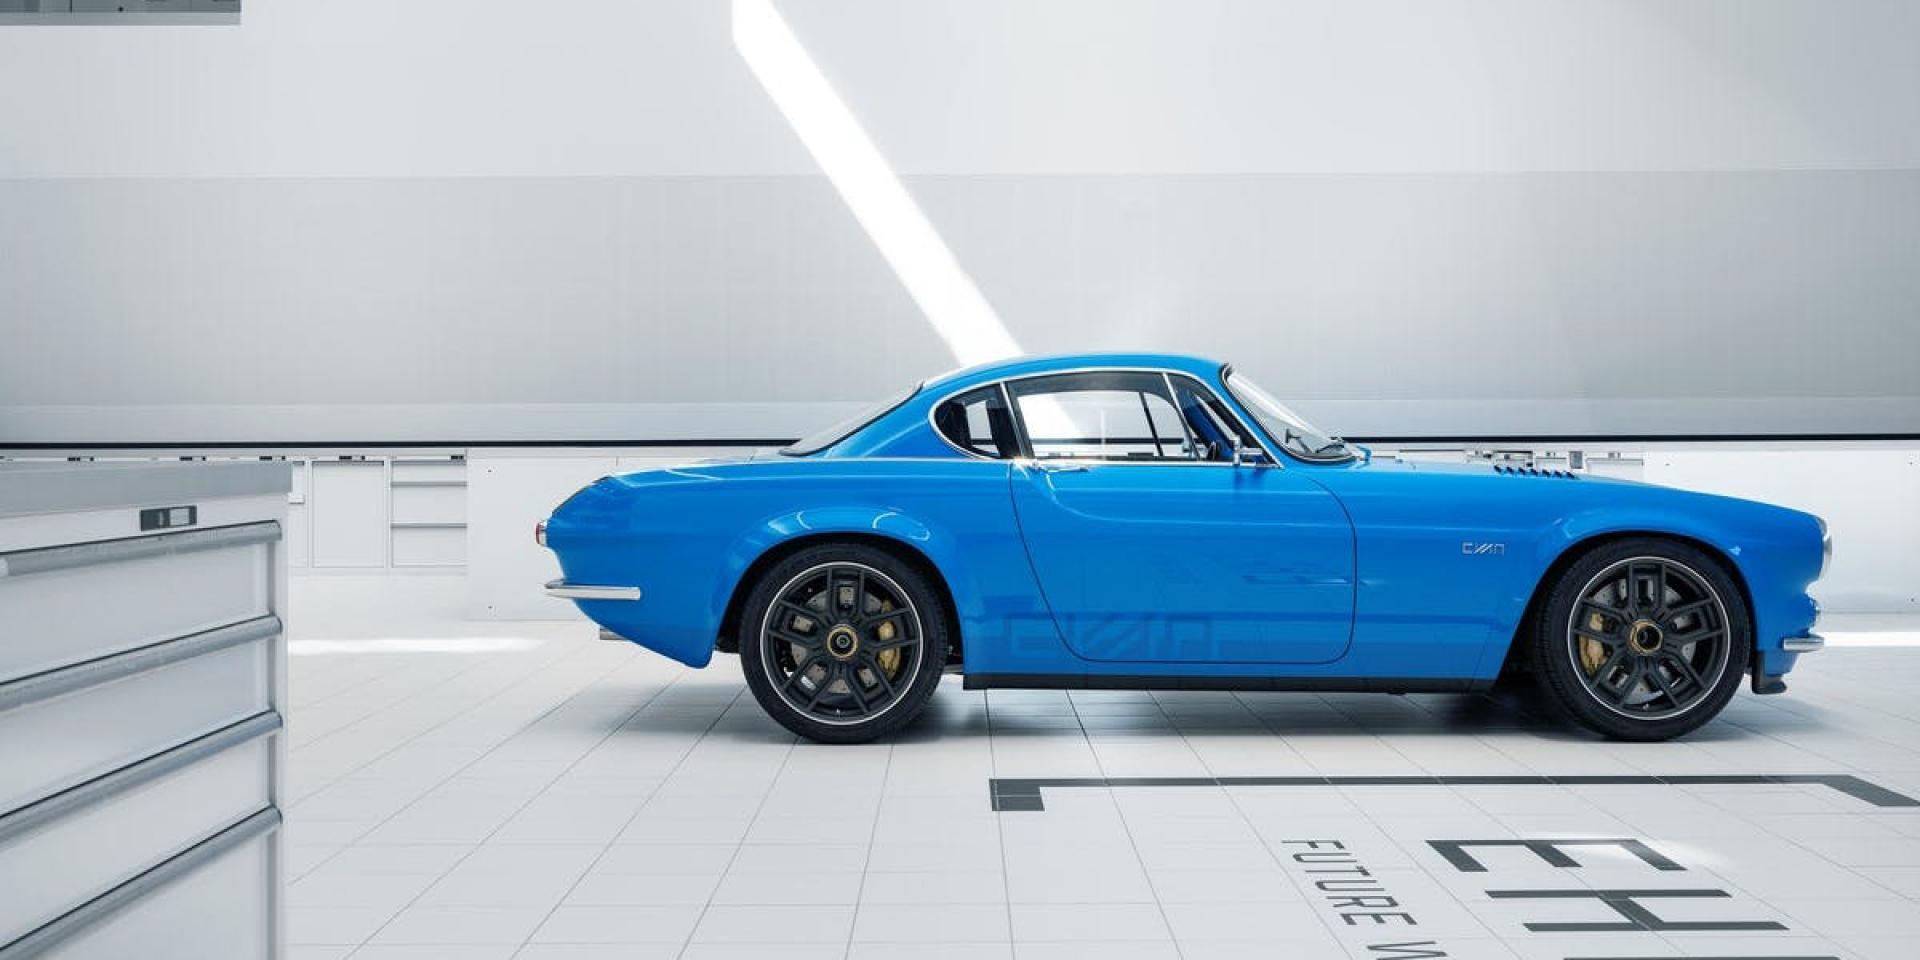 420HP、碳纖維車架。CYAN RACING「VOLVO P1800」50萬美元超限量復刻!